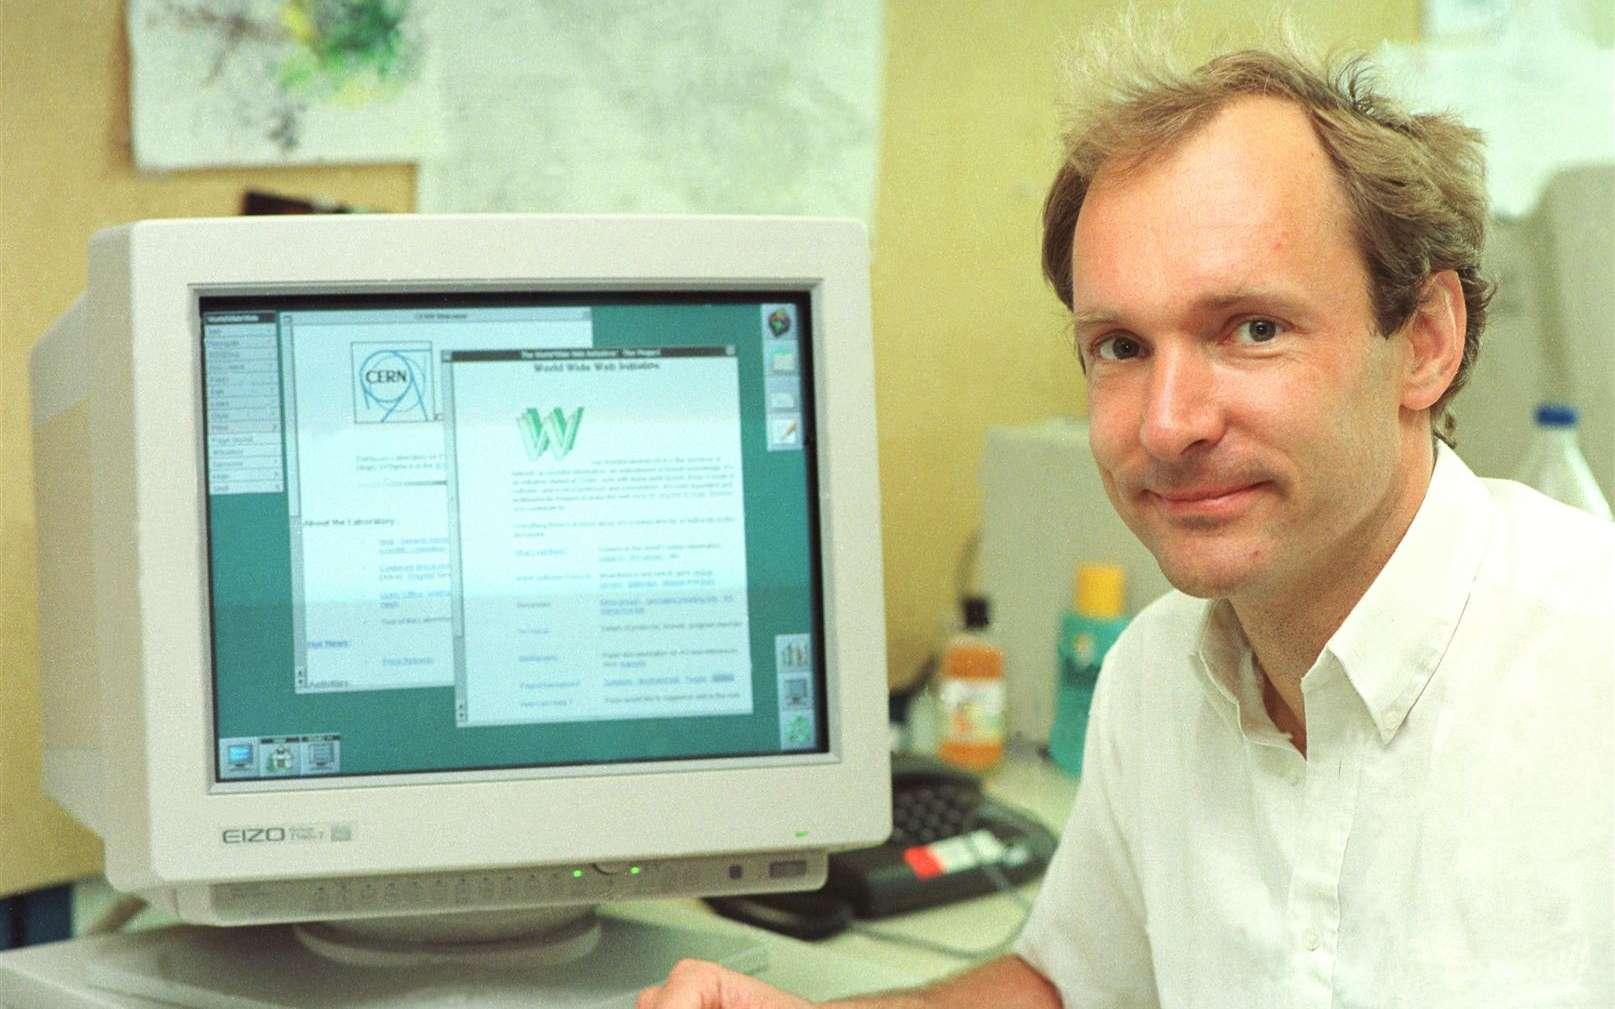 L'inventeur du Web vient de vendre aux enchères la version numérique du code source d'origine qu'il avait programmée en 1989. © Cern